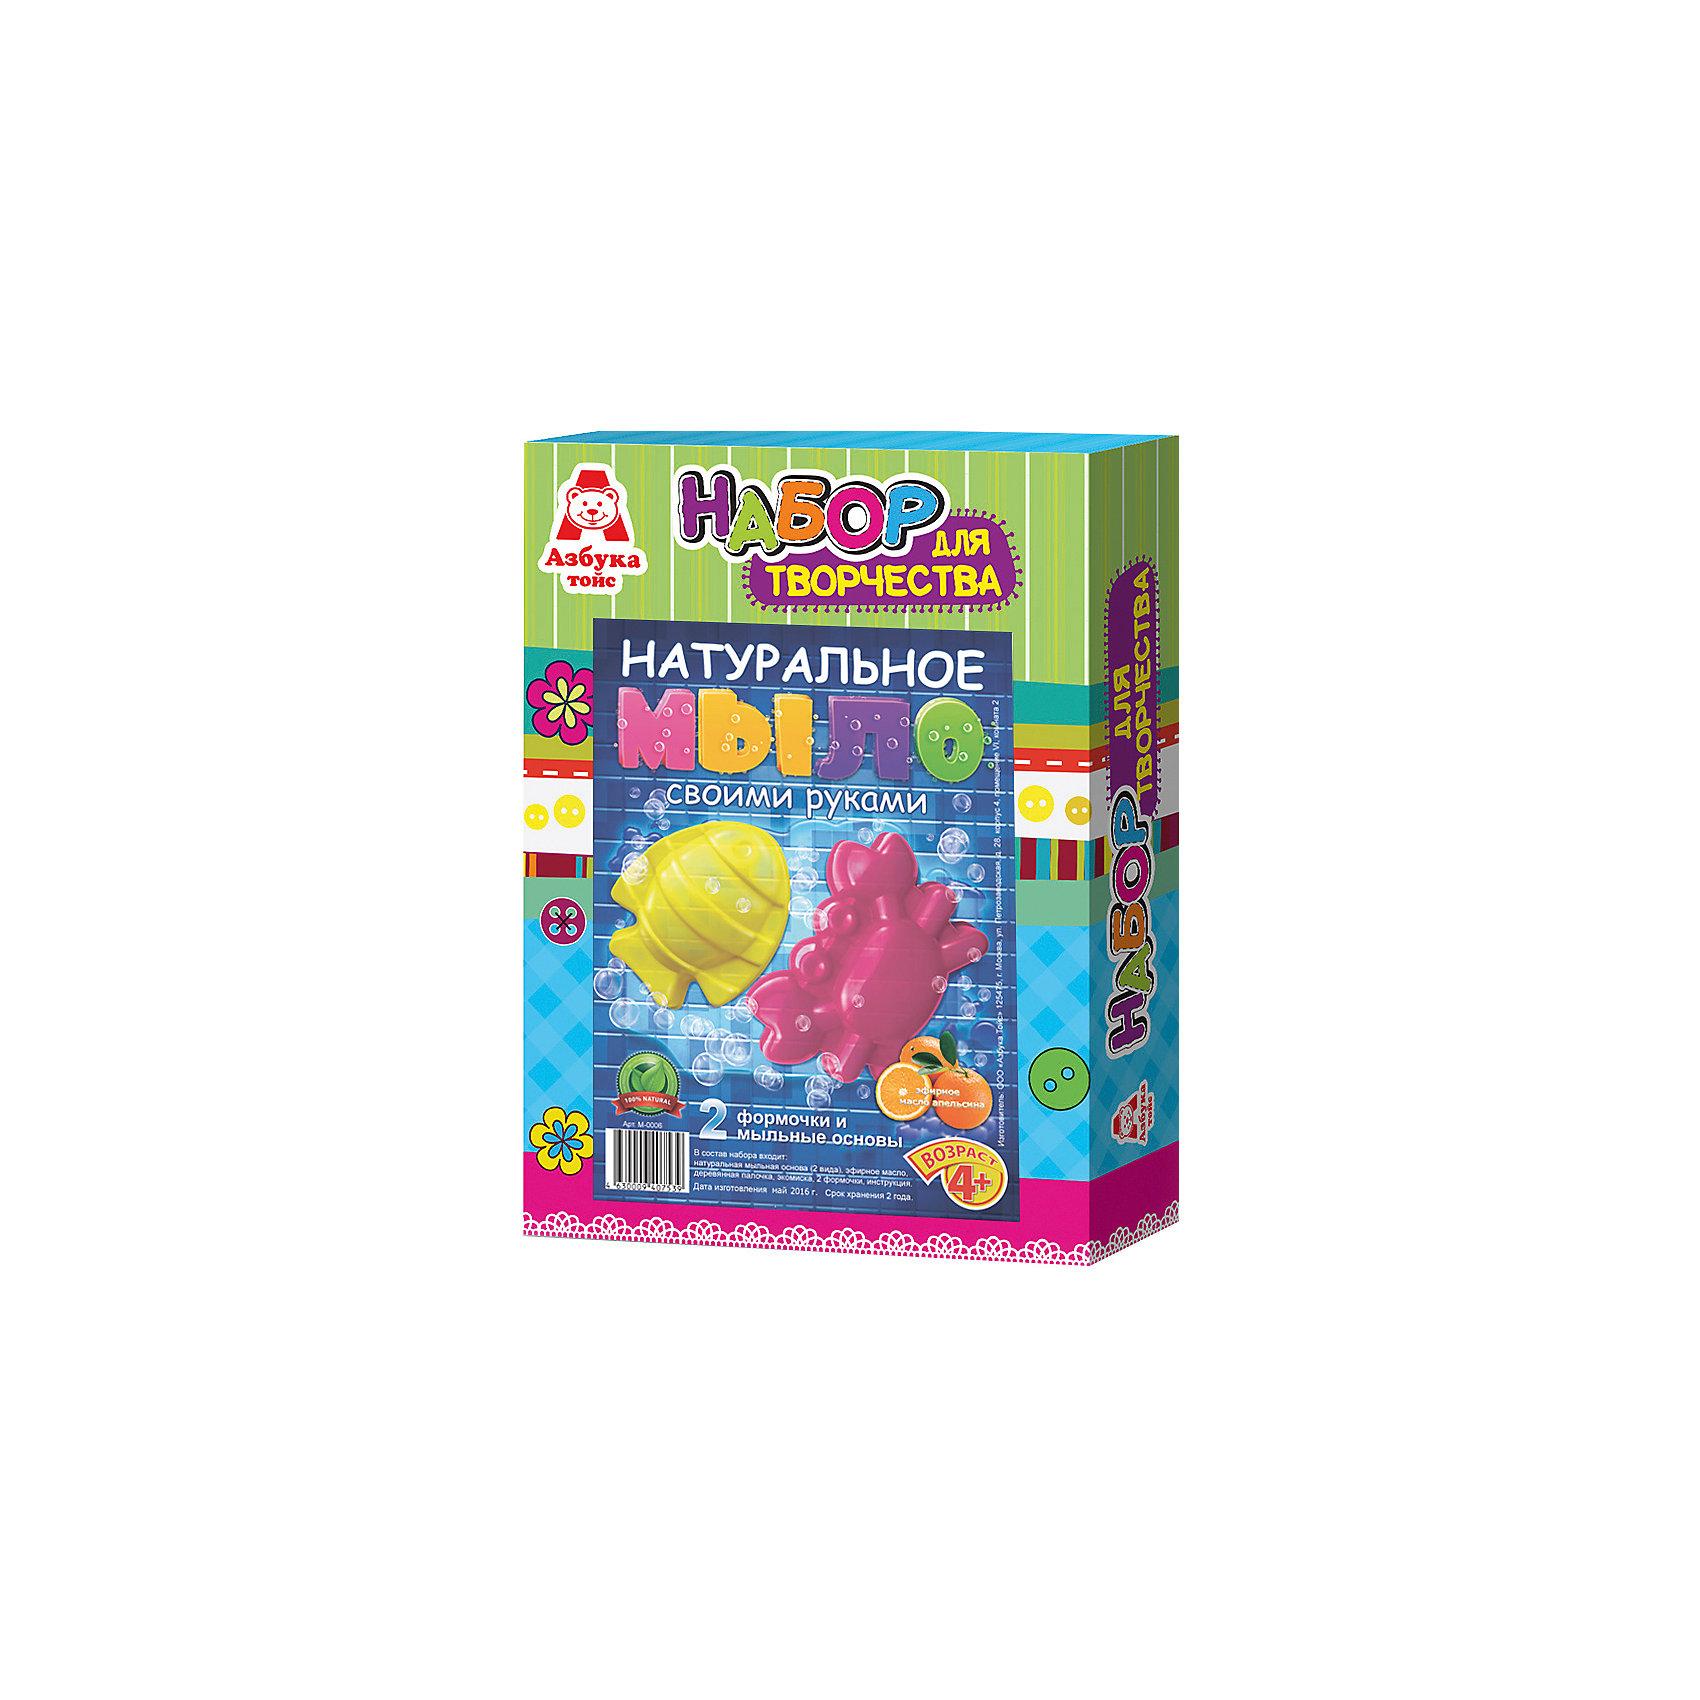 Мыло Краб и РыбкаСоздание мыла<br>Характеристики товара:<br><br>• упаковка: коробка<br>• количество цветов: 5<br>• возраст: 4+<br>• масса: 294 г<br>• габариты: 50х240х280 мм<br>• комплектация: натуральная мыльная основа (5 видов), эфирное масло (5 видов), деревянная палочка, емкость для растапливания, формочки - 5 шт., инструкция<br>• страна бренда: РФ<br>• страна изготовитель: РФ<br><br>Мыловарение – интересный и необычный способ занять малыша. Ошибочно полагать, что создавать мыло – творчество только для девочек. В новом наборе формочки позволяют варить мыло в форме различных предметов. На выходе у ребенка получится настоящее мыло, готовое к использованию. Благодаря эфирным маслам оно будет приятно пахнуть. В наборе есть все необходимое для создания продукта.<br>Набор станет отличным подарком ребенку, так как он сможет сам сделать полезную вещь для себя или в качестве подарка близким! Материалы, использованные при изготовлении товара, сертифицированы и отвечают всем международным требованиям по качеству. <br><br>Набор Мыло Краб и Рыбка от бренда Азбука Тойс можно приобрести в нашем интернет-магазине.<br><br>Ширина мм: 240<br>Глубина мм: 50<br>Высота мм: 280<br>Вес г: 294<br>Возраст от месяцев: 48<br>Возраст до месяцев: 96<br>Пол: Унисекс<br>Возраст: Детский<br>SKU: 5062850